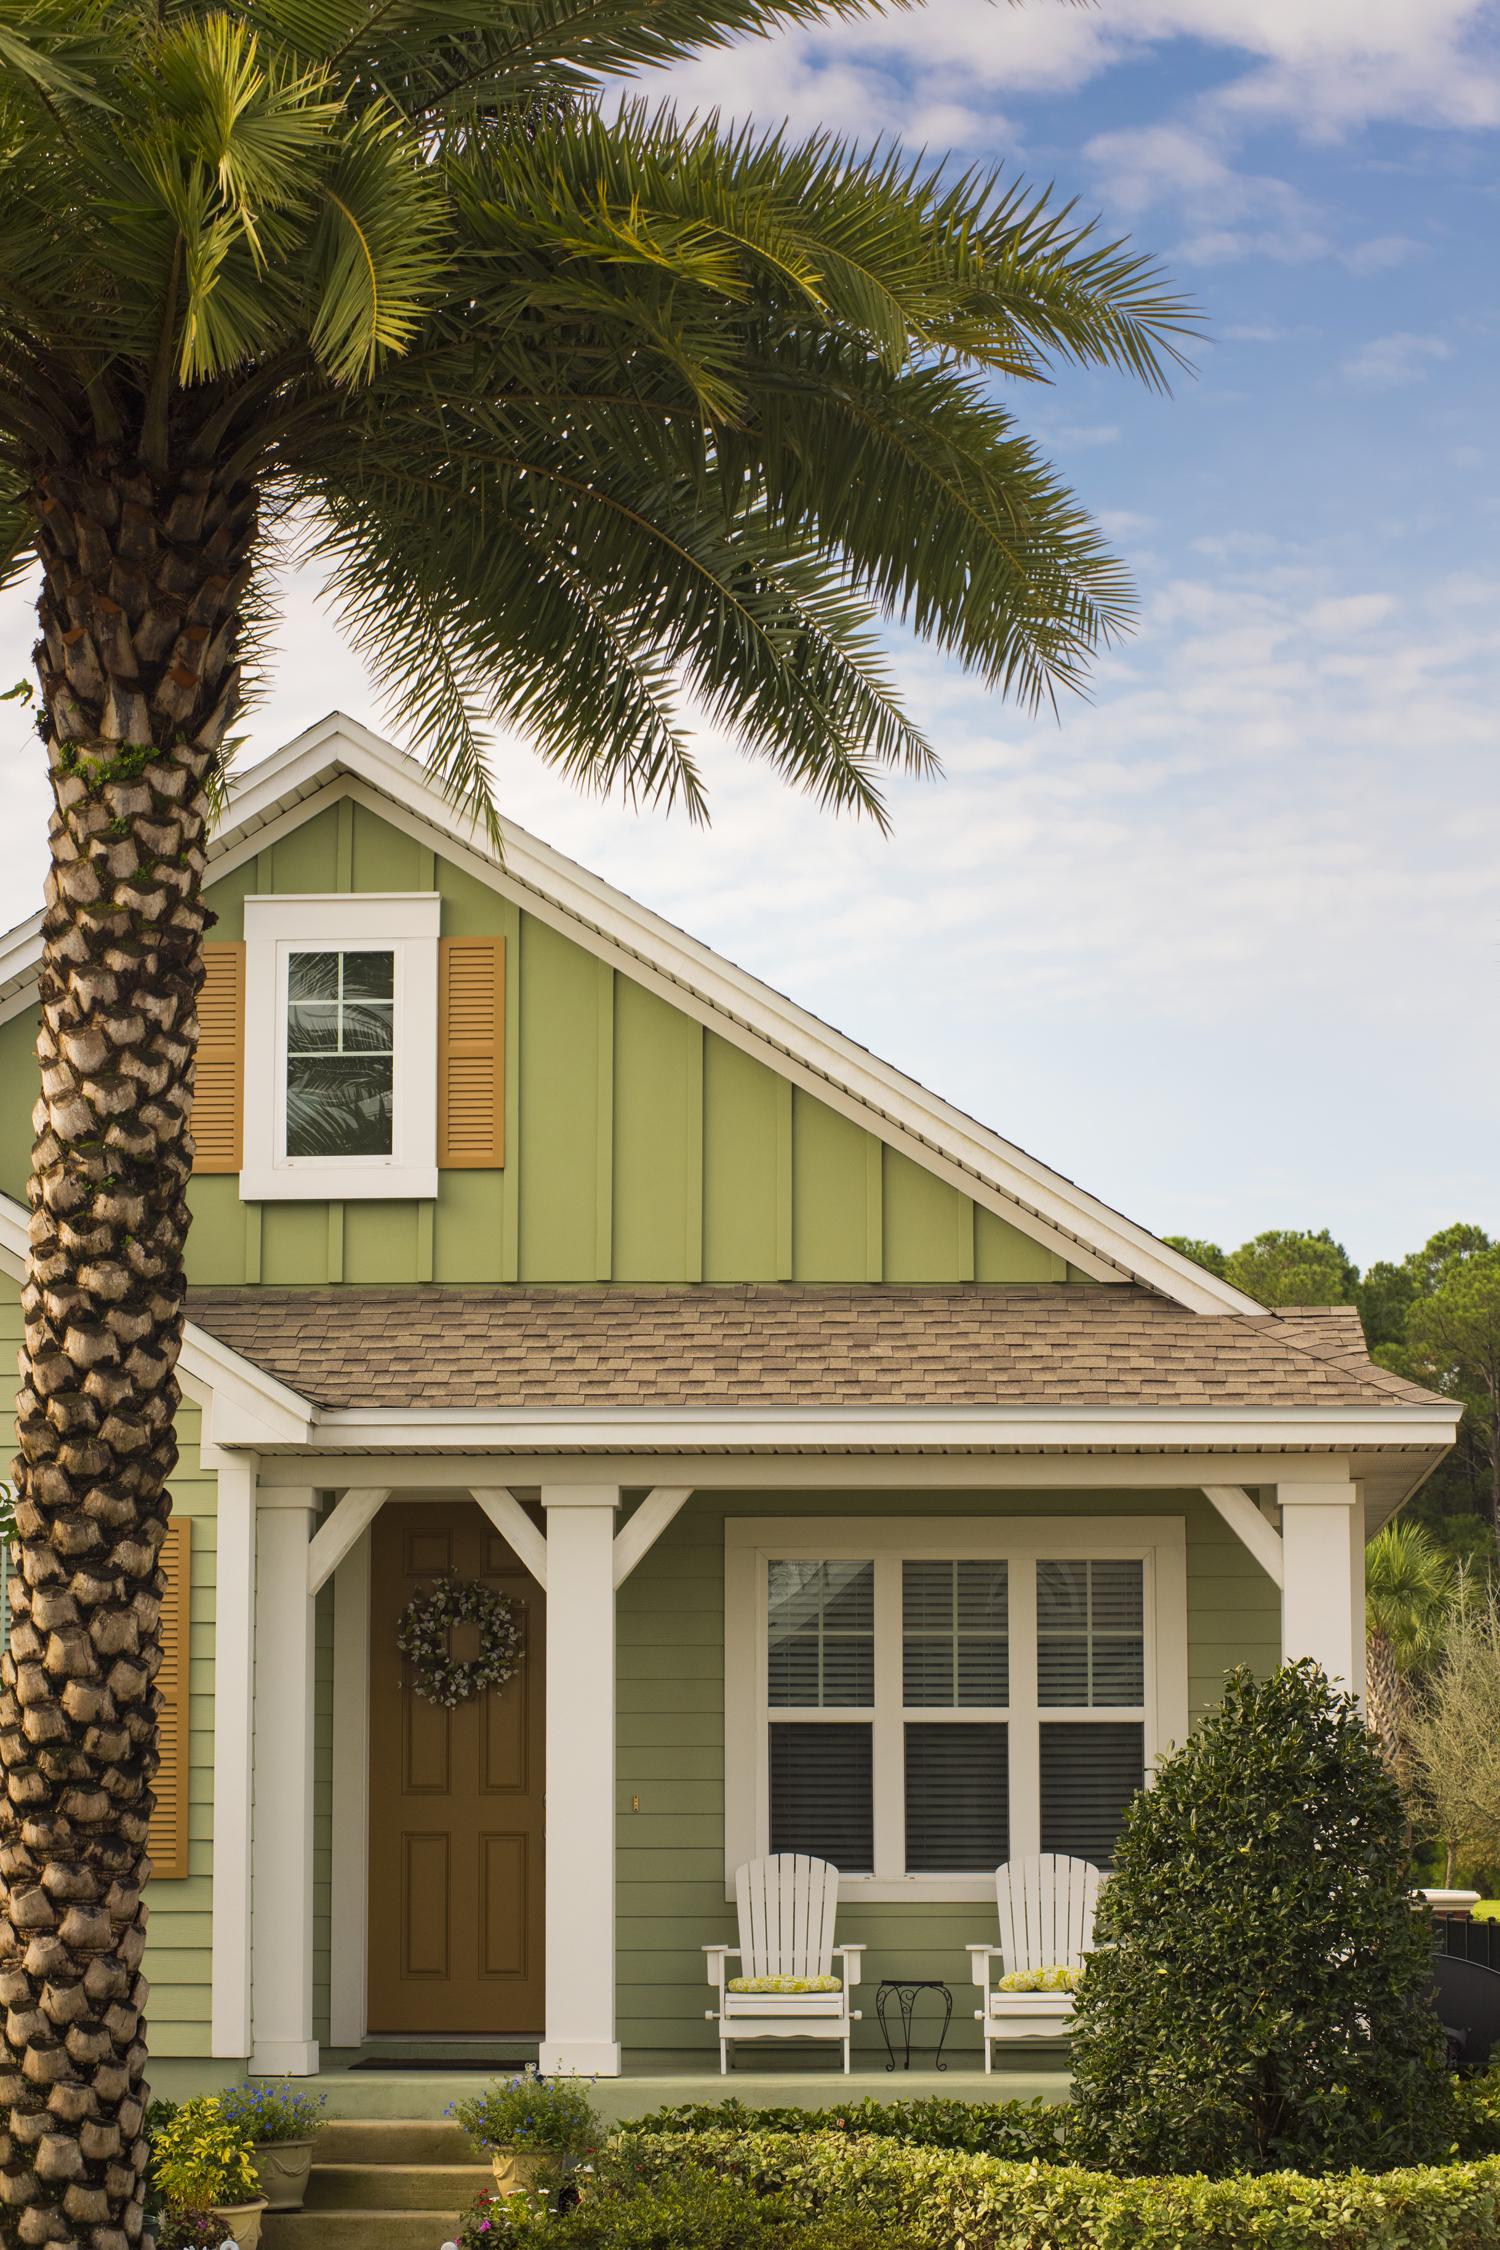 Home Exterior Trends How Home Exterior Trends Have Evolved